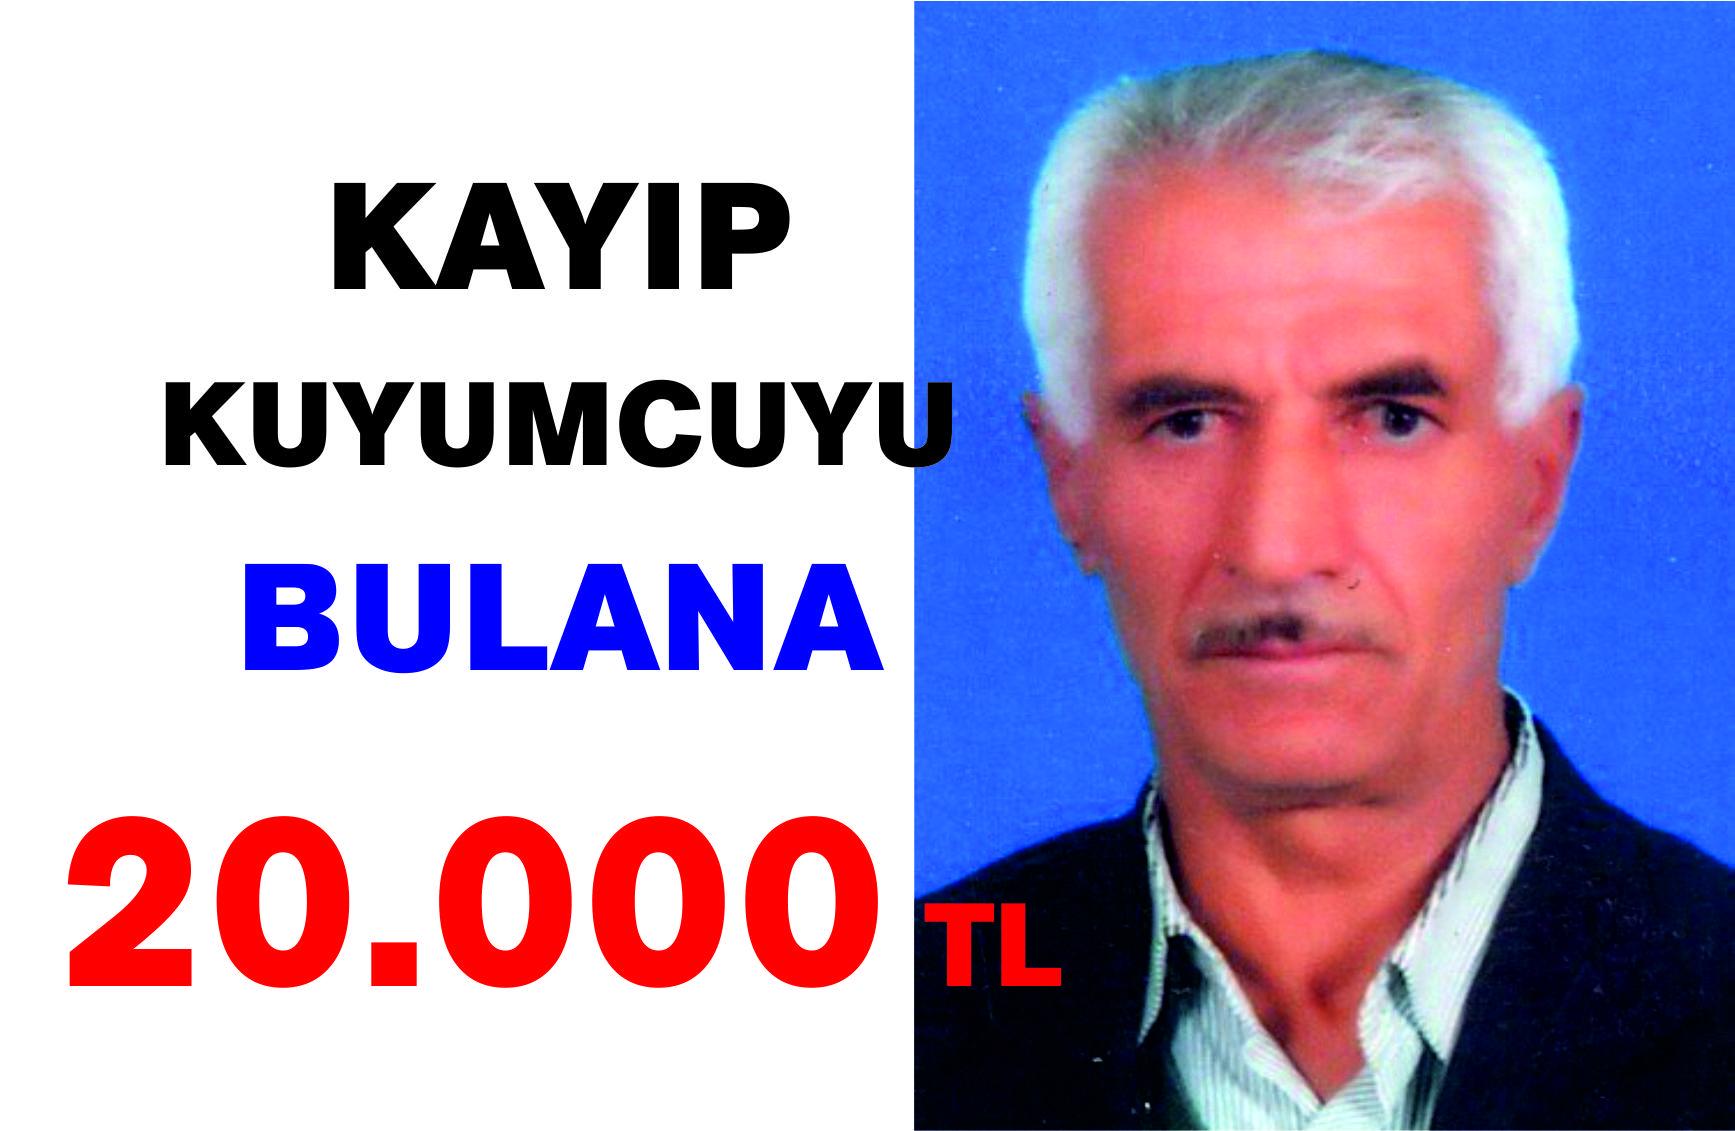 Kayıp Kuyumcu İçin 20 Bin TL Ödül